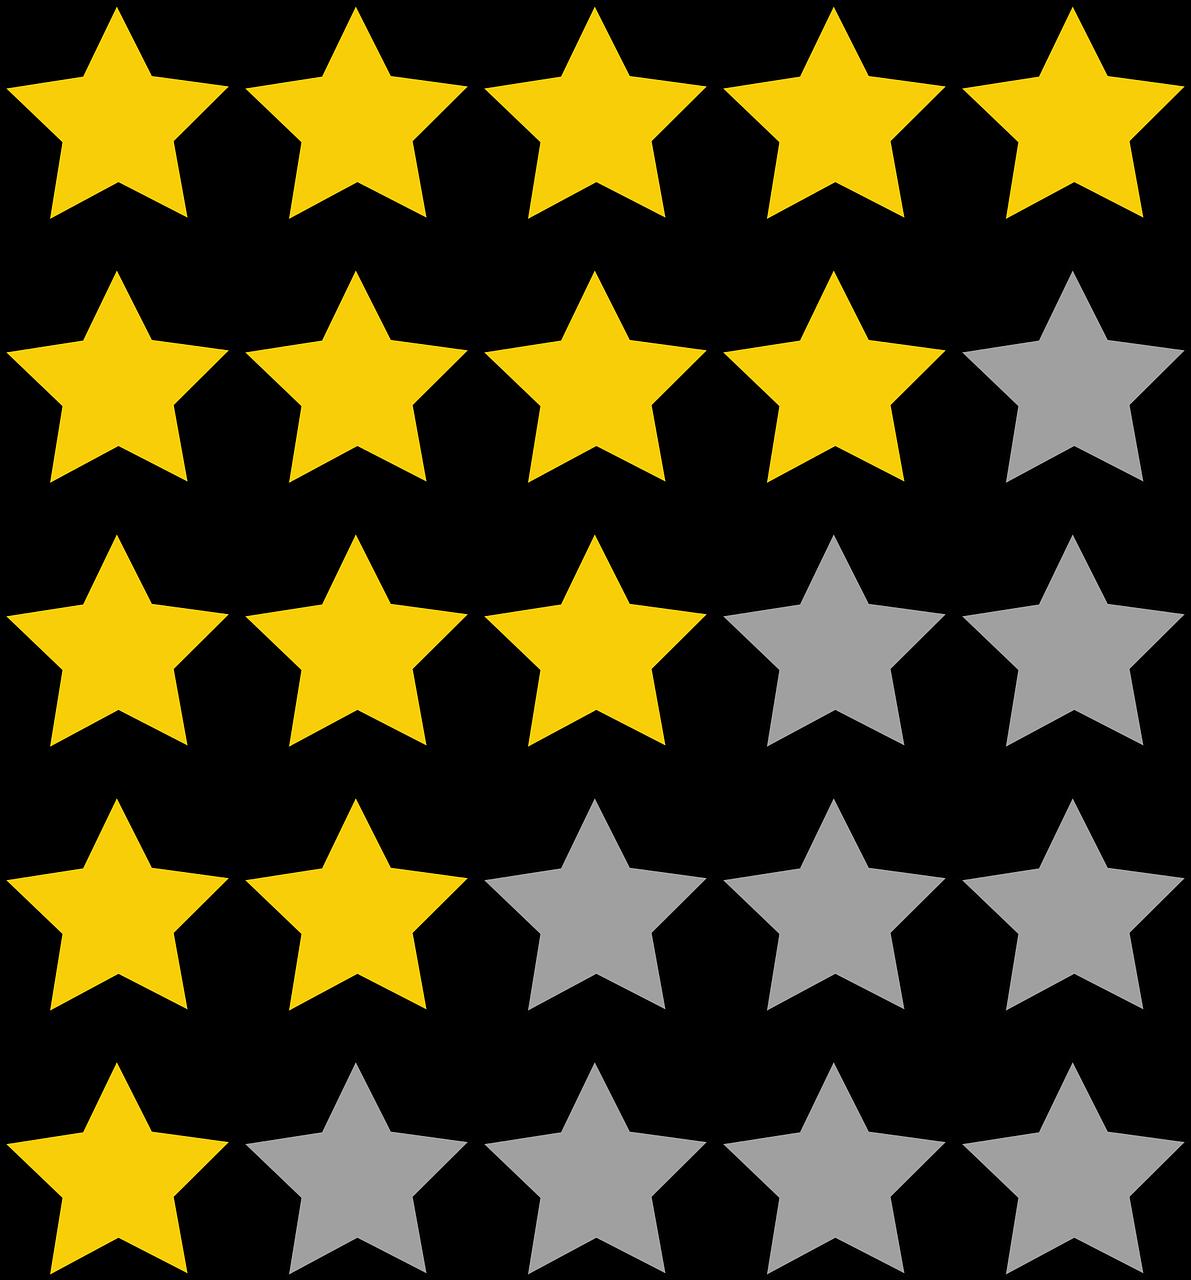 סטטיסטיקה לפי כוכבים